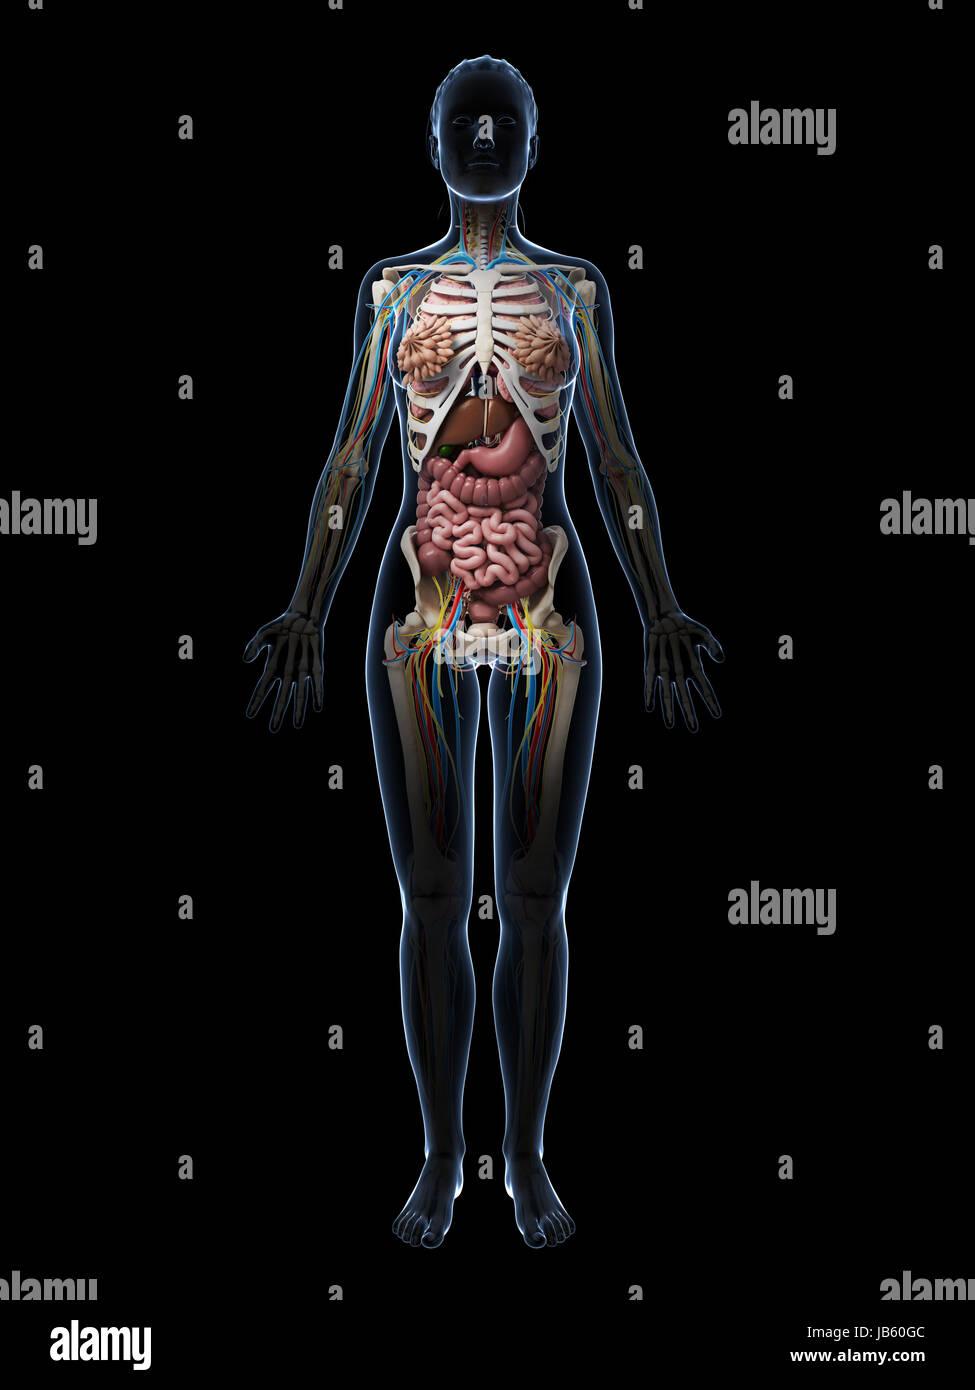 Uterus Diagram Stock Photos  U0026 Uterus Diagram Stock Images